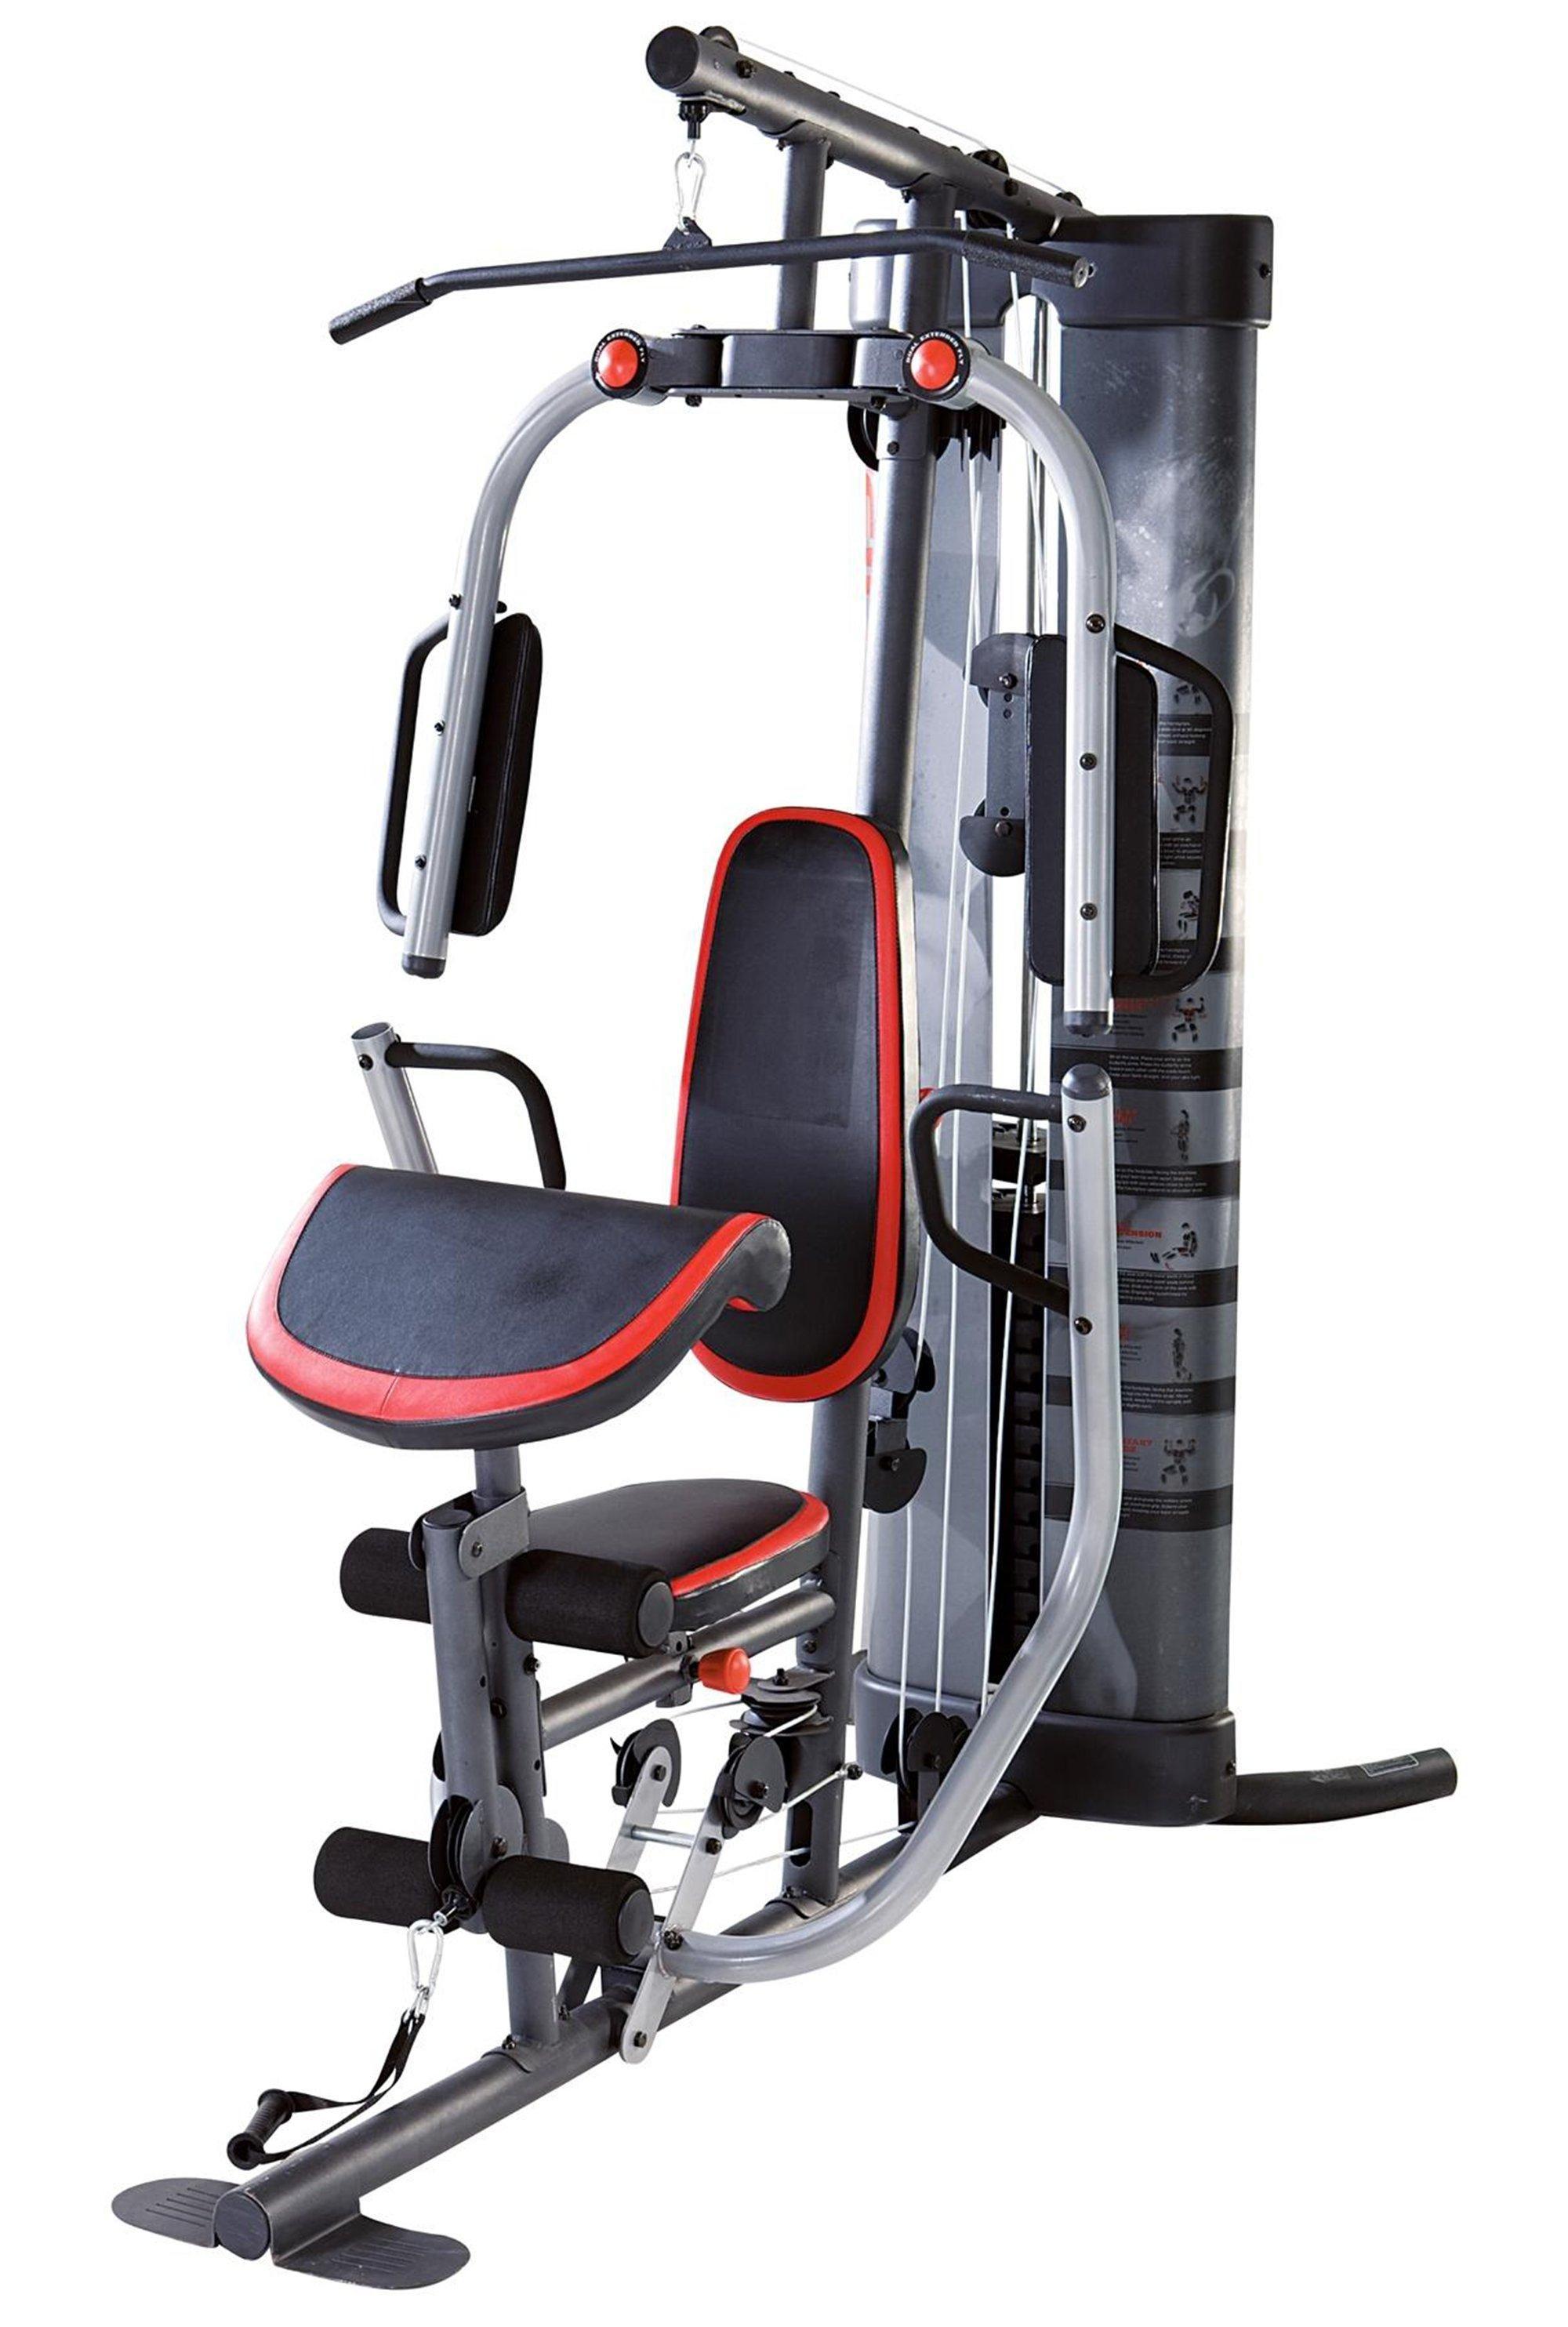 Pro 5500 Multigym In 2020 Multi Gym Home Multi Gym Gym